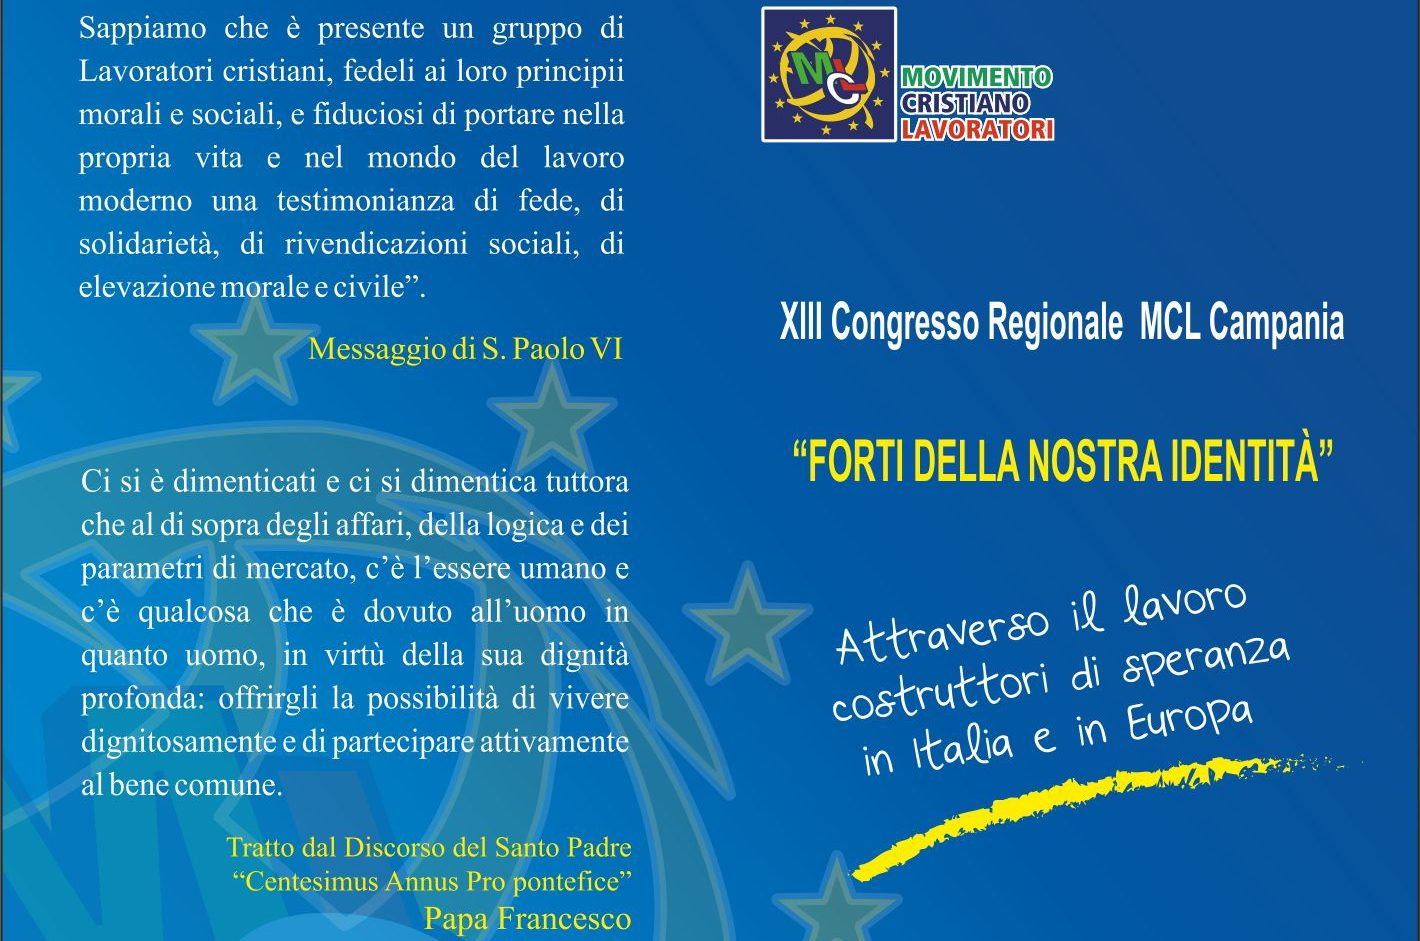 Mcl, al via il congresso regionale a Salerno sul futuro del lavoro e dell'europa